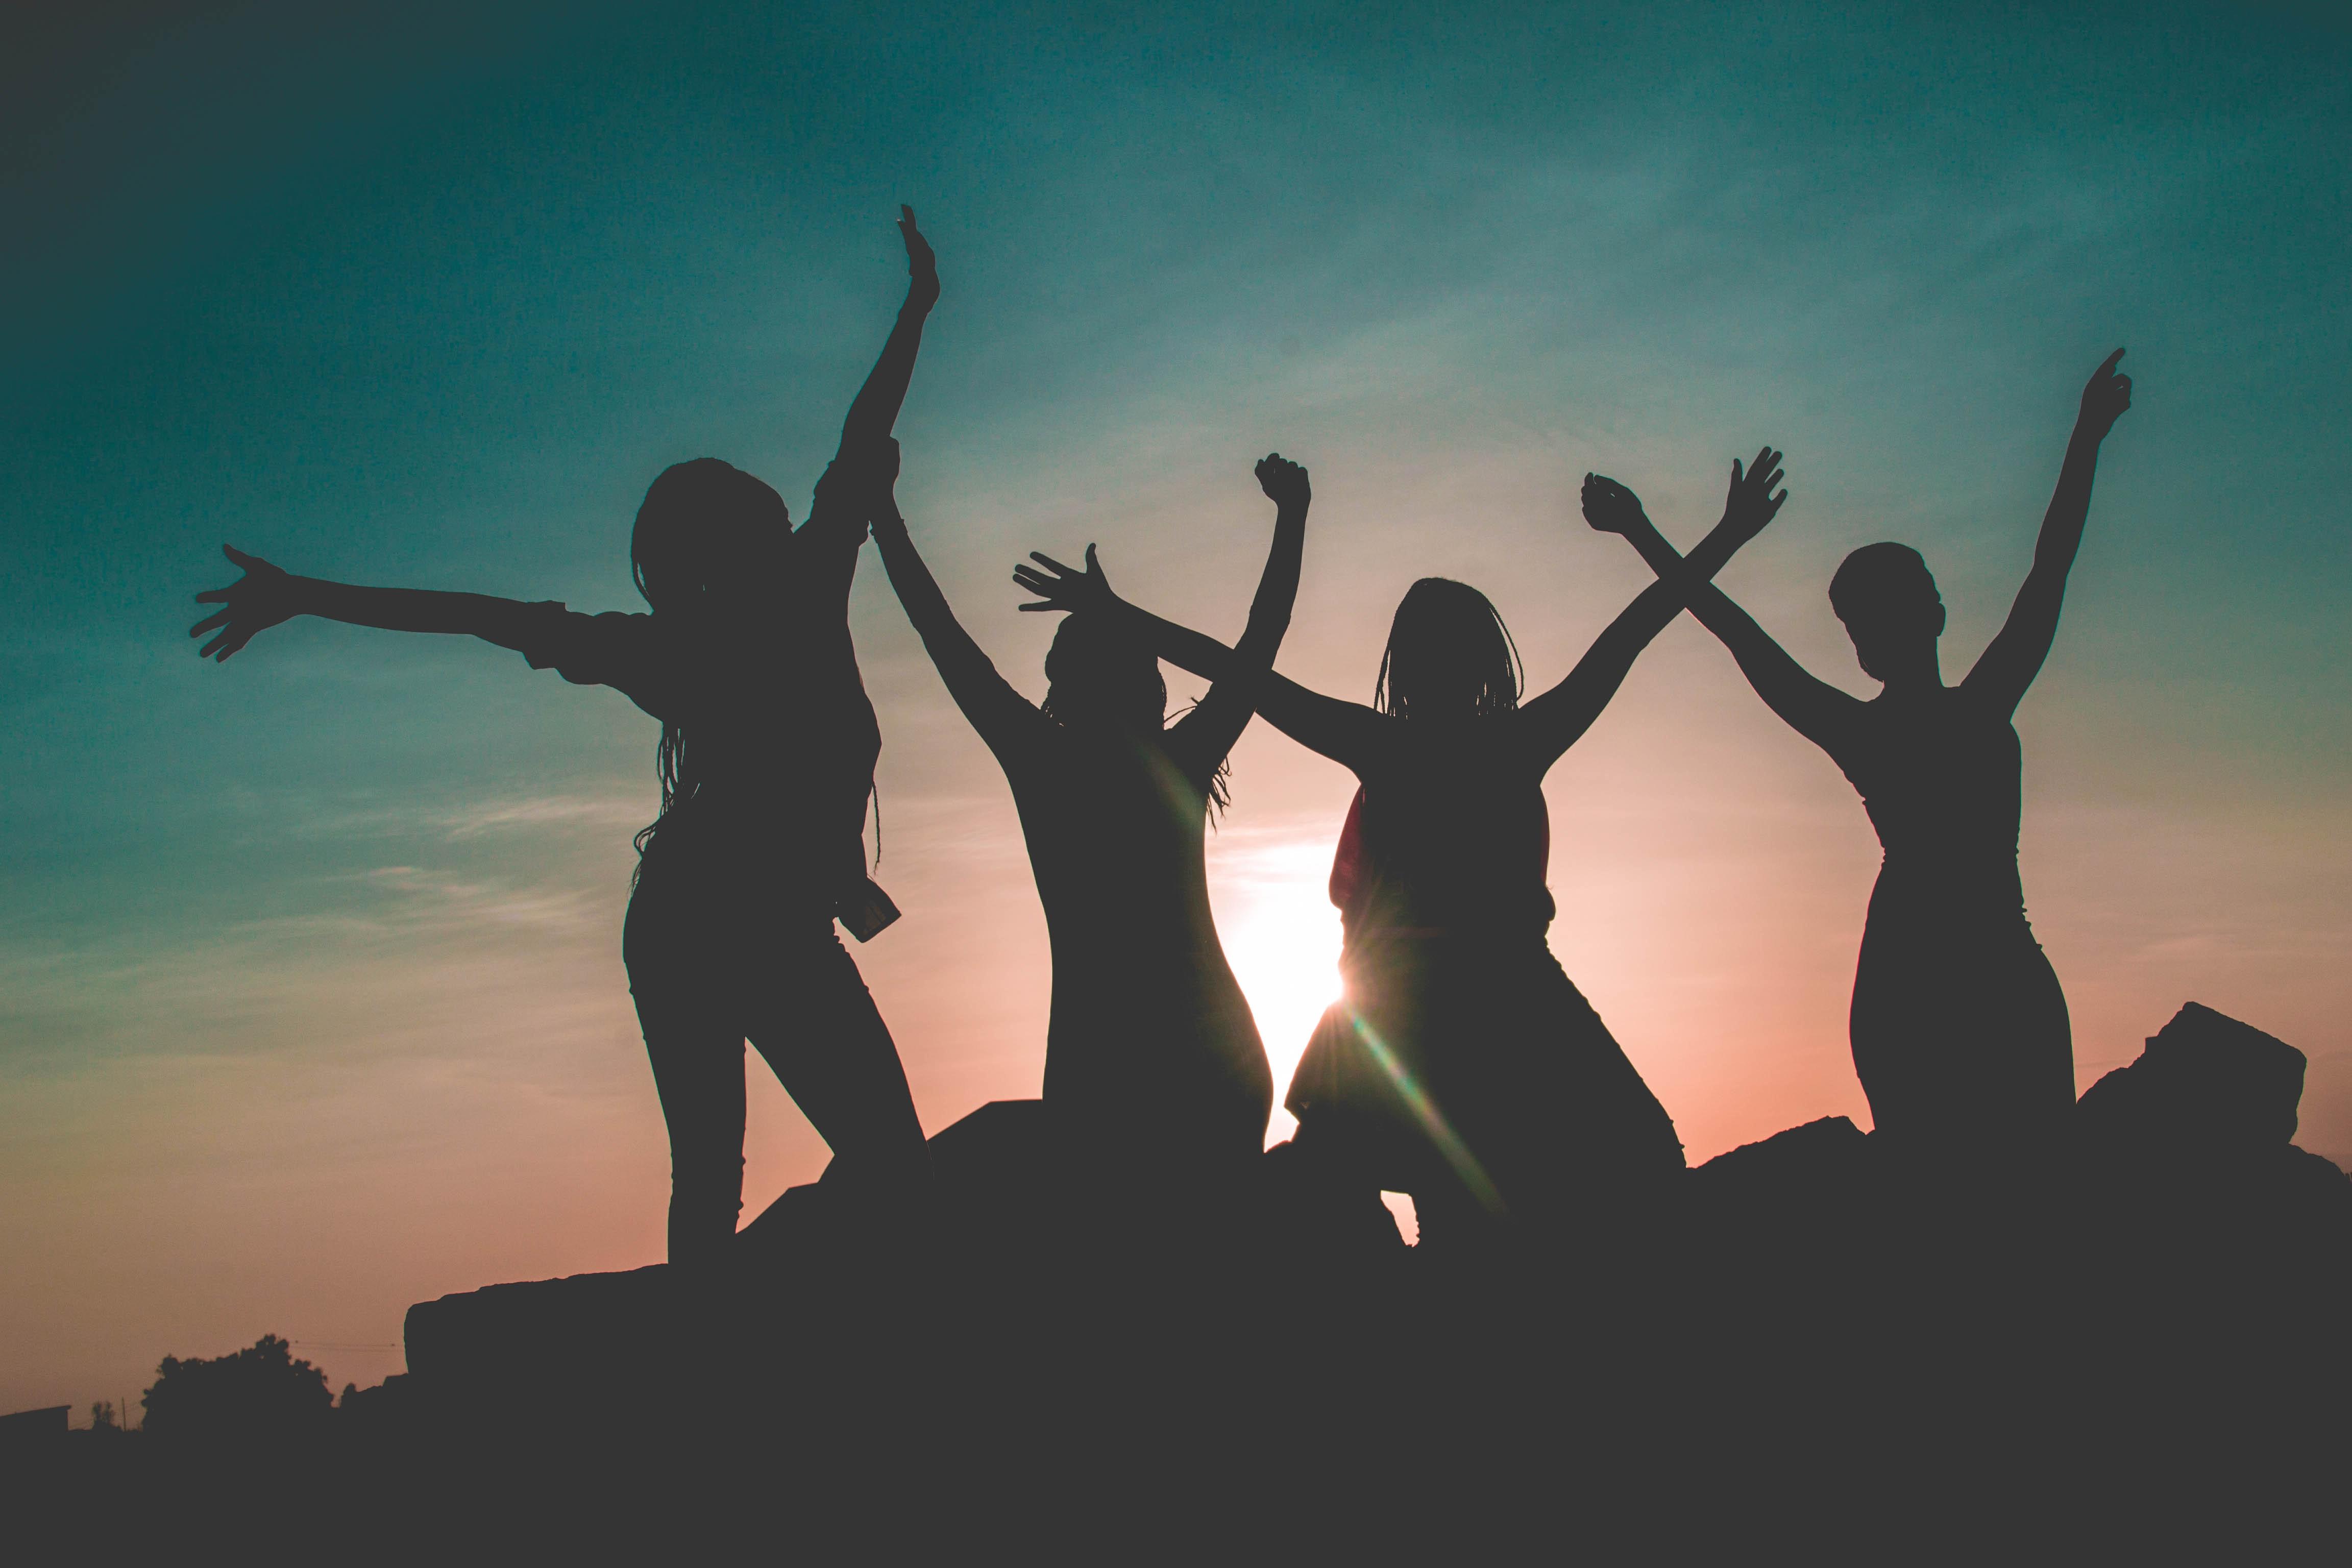 WELTFRAUENTAG: Feminis-kann statt Feminis-muss